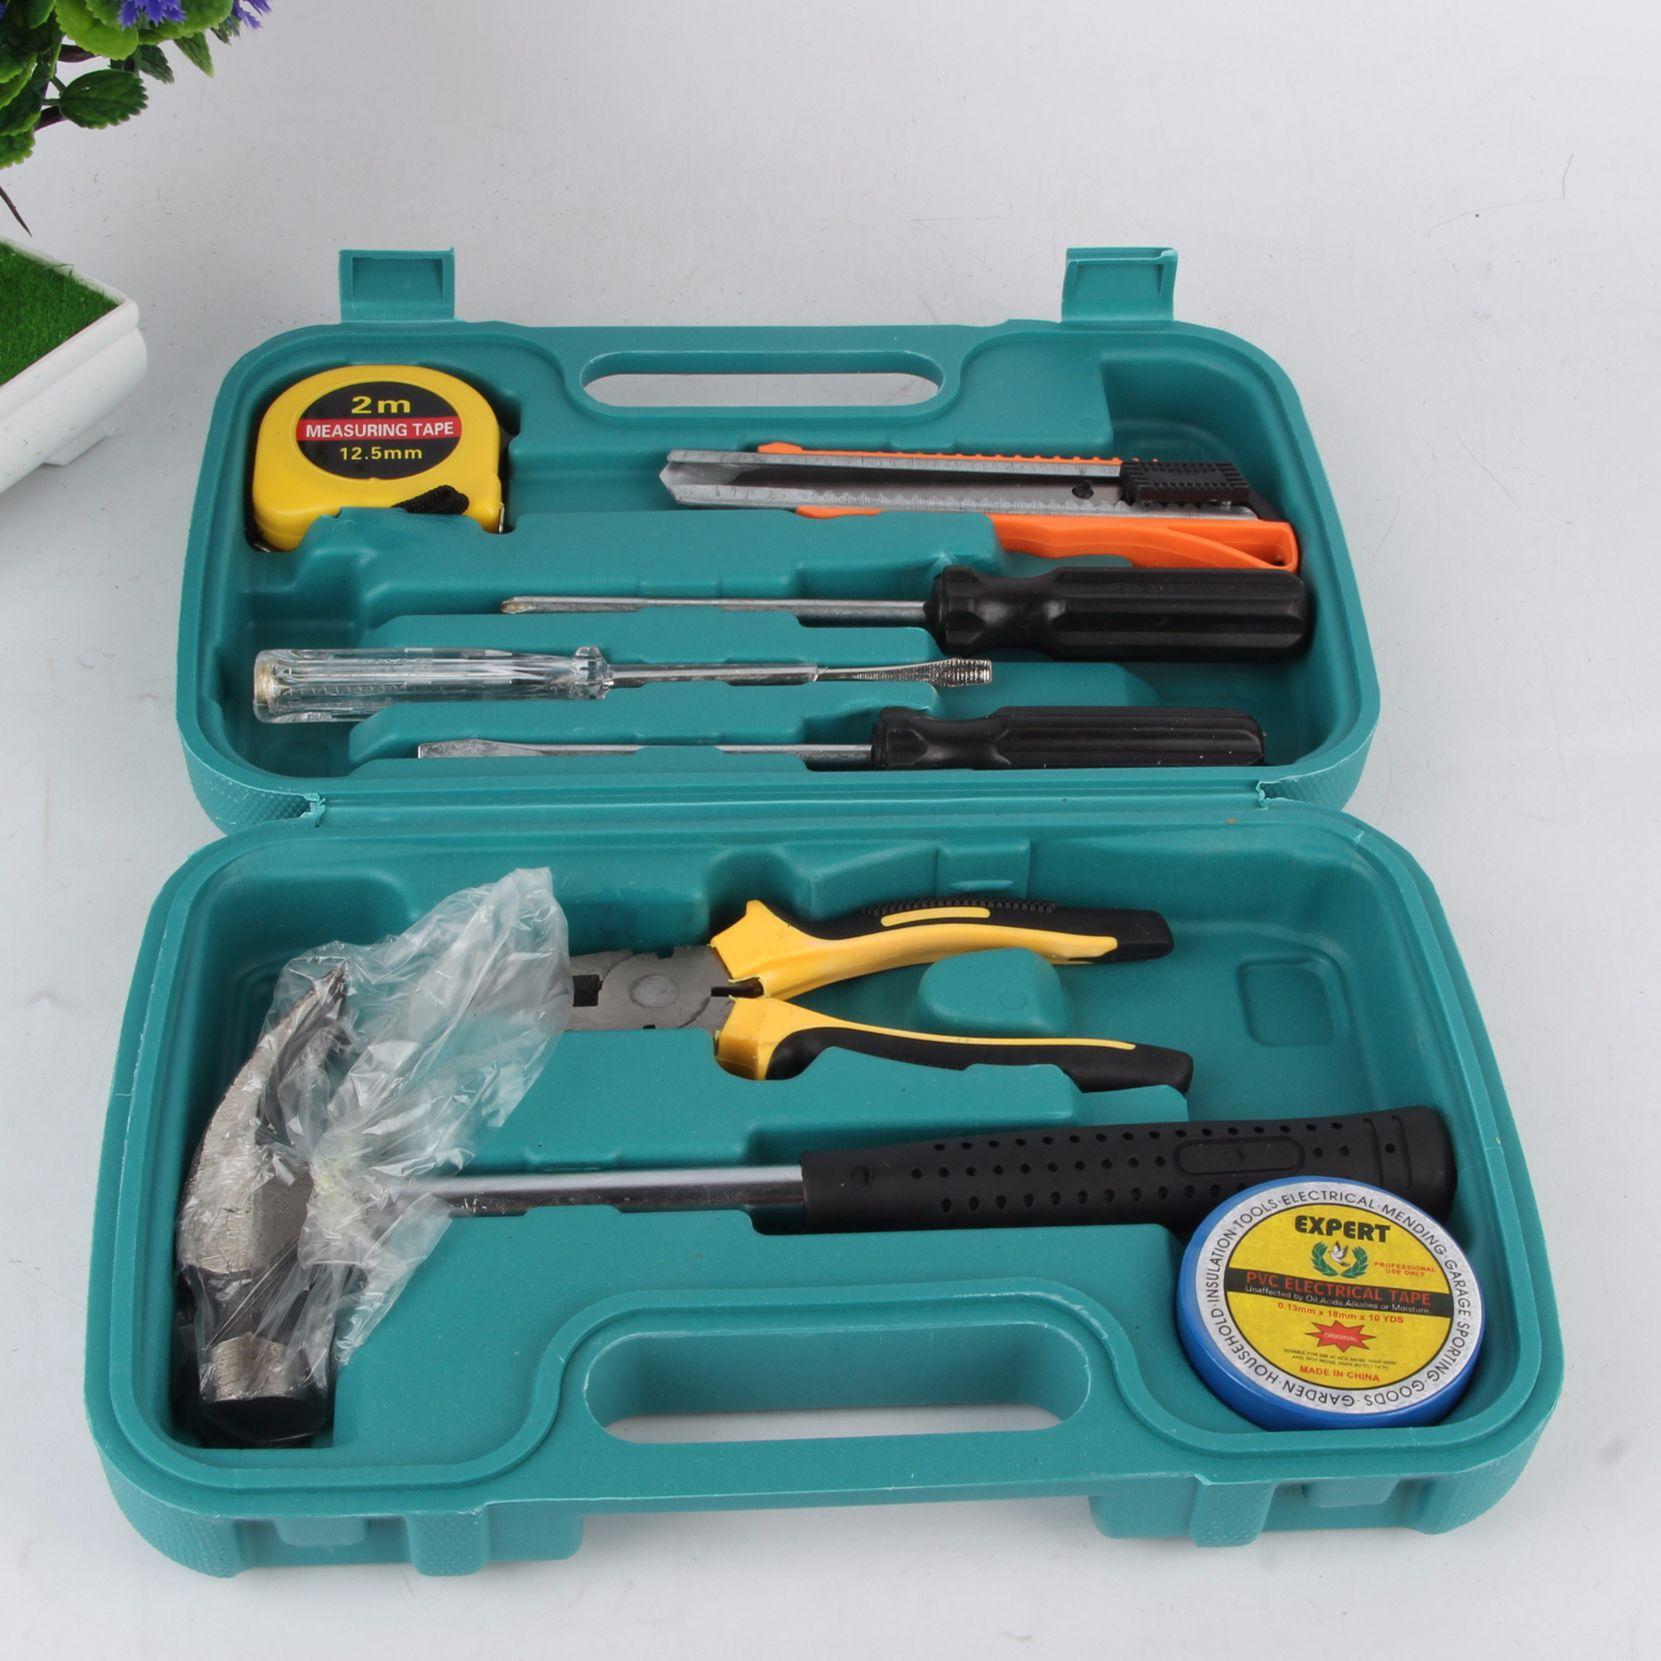 大号手提8件套五金工具组合箱 套装工具组合礼品赠品五金工具货源